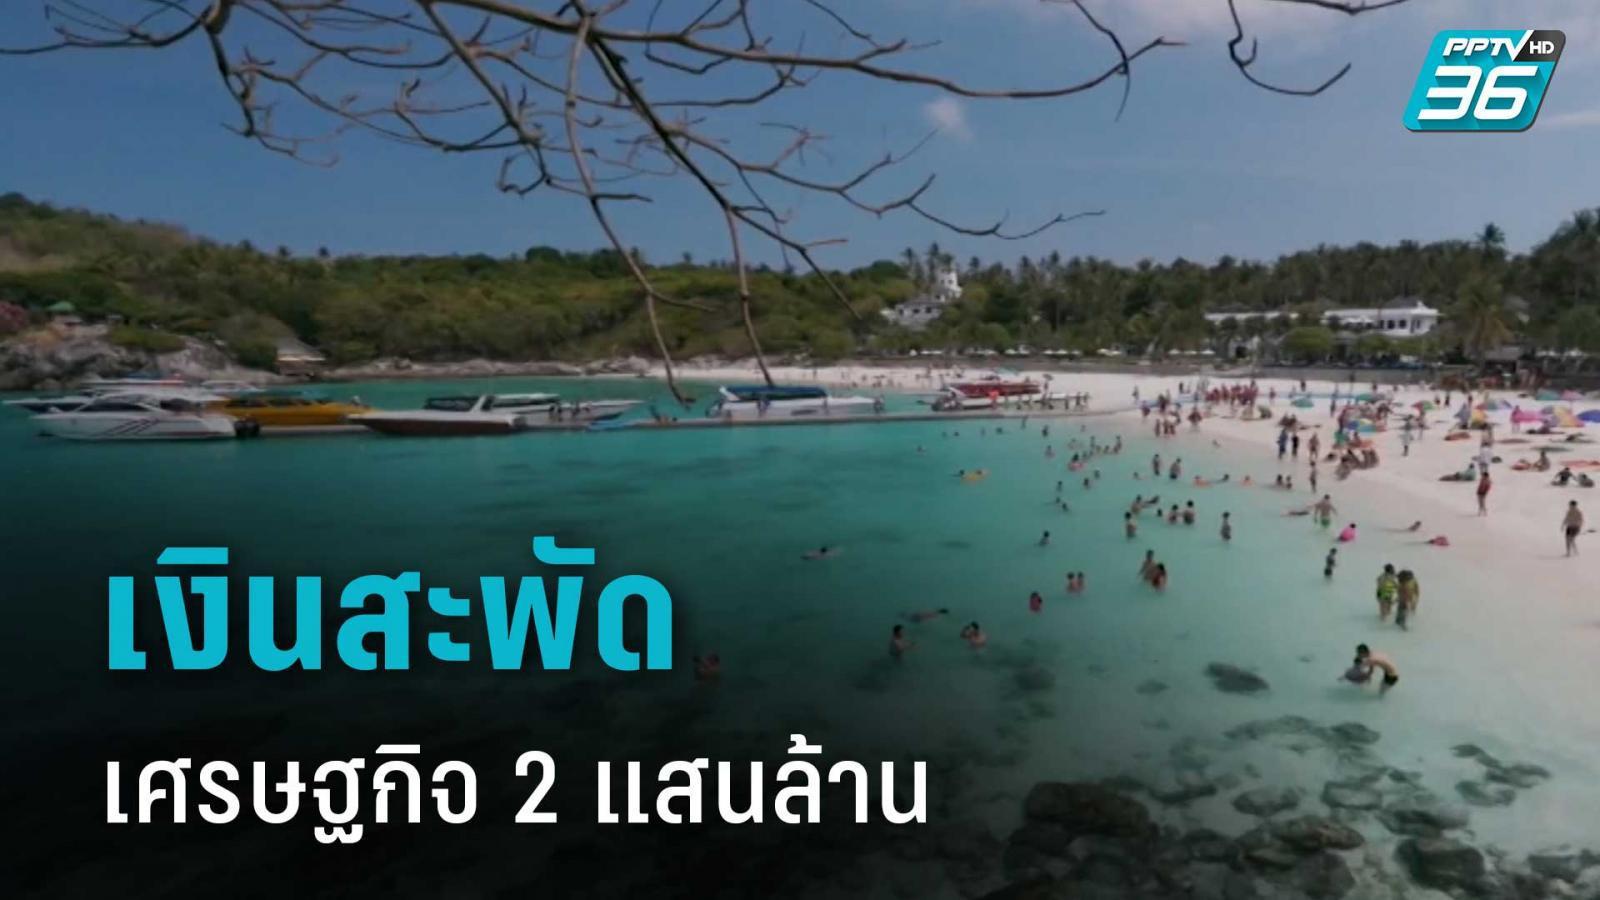 หอการค้าไทย ชี้คลายล็อก 3 เฟส เงินสะพัดเศรษฐกิจ 2 แสนล้าน